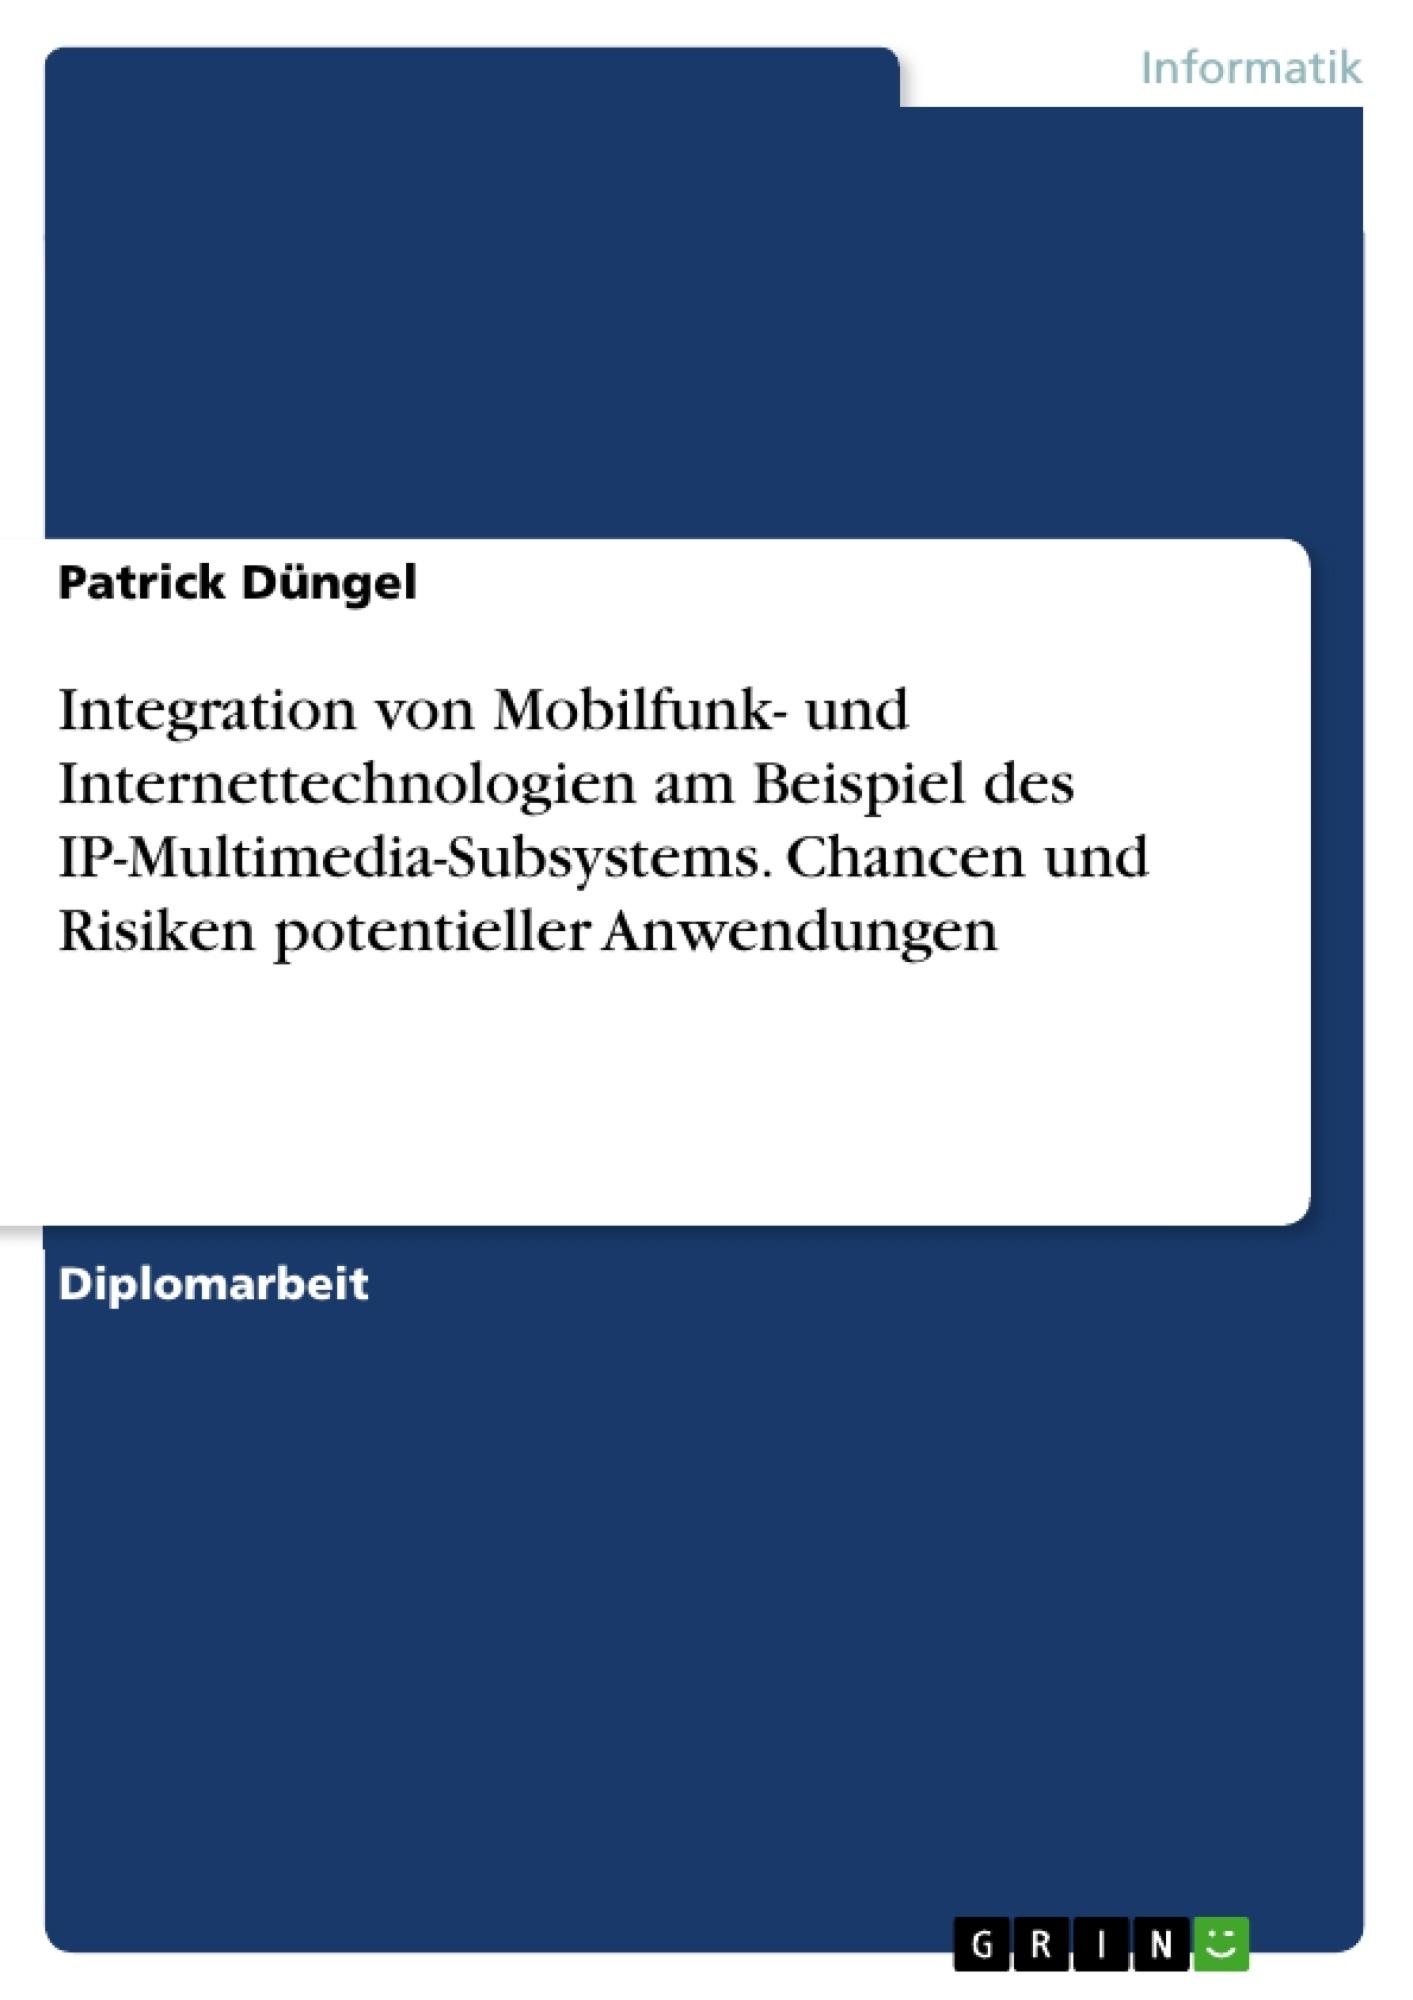 Titel: Integration von Mobilfunk- und Internettechnologien am Beispiel des IP-Multimedia-Subsystems.  Chancen und Risiken potentieller Anwendungen